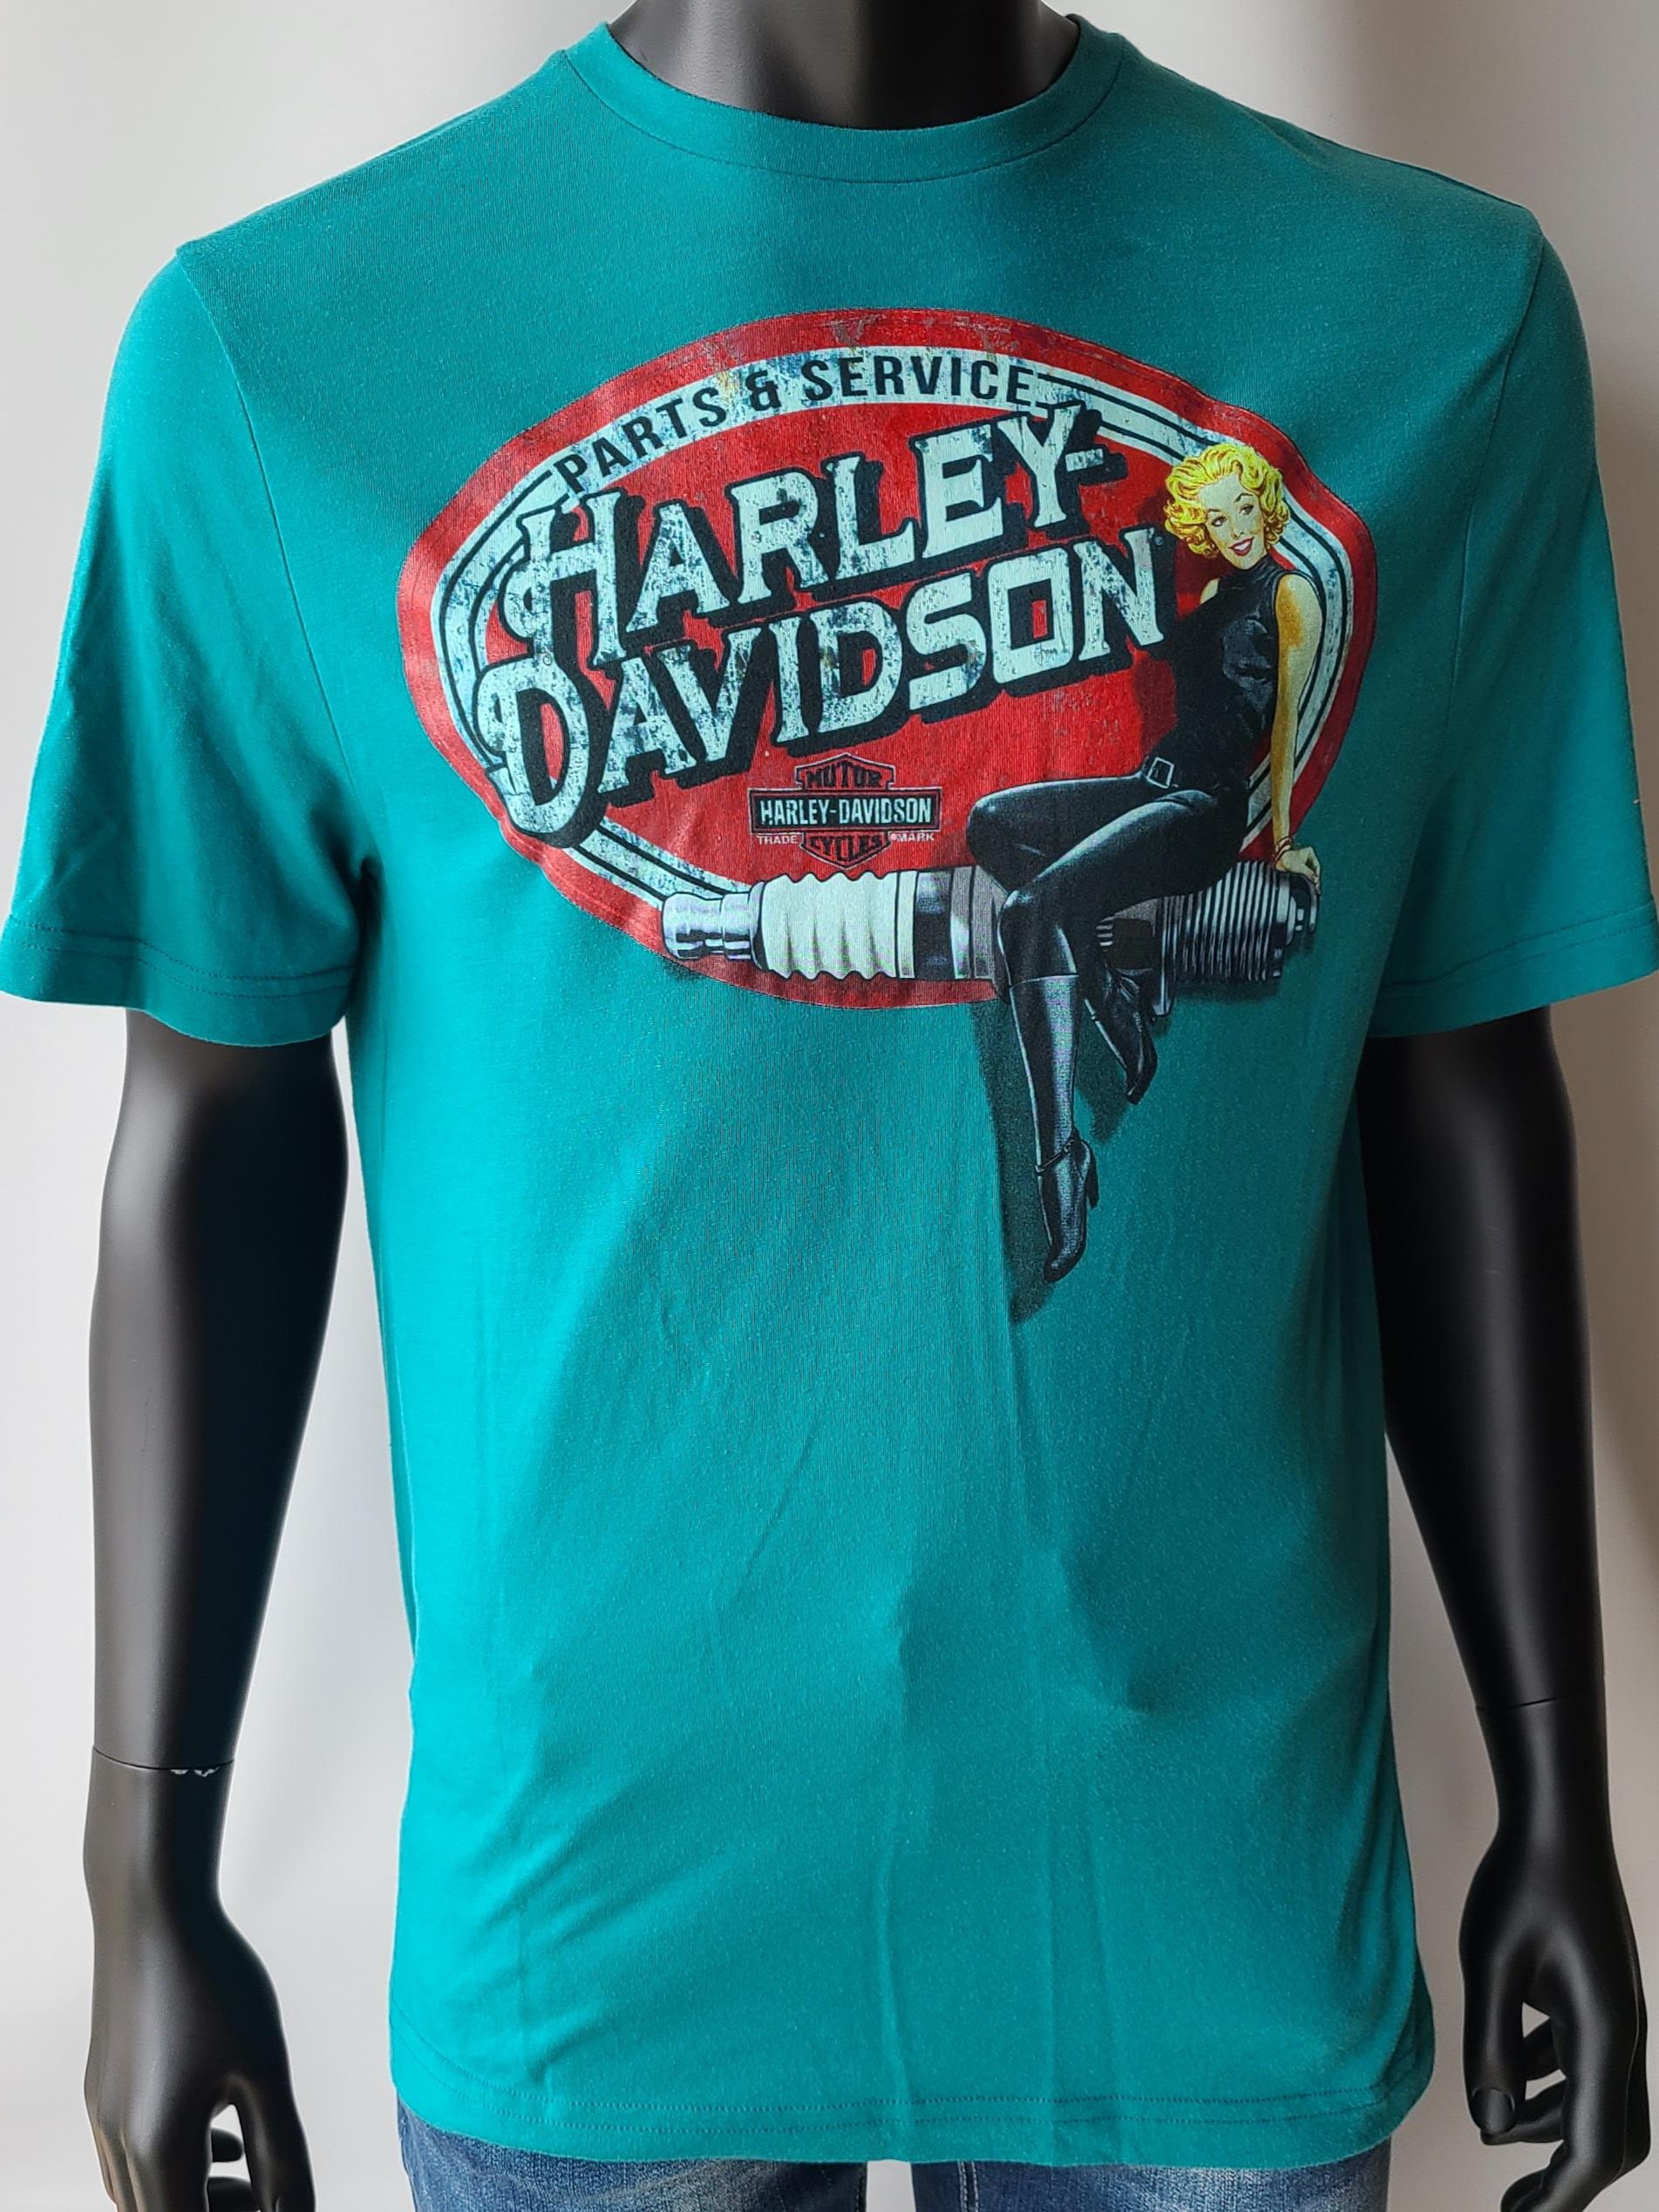 HARLEY DAVIDSON SEAPORT*MEMORABLE RIDE